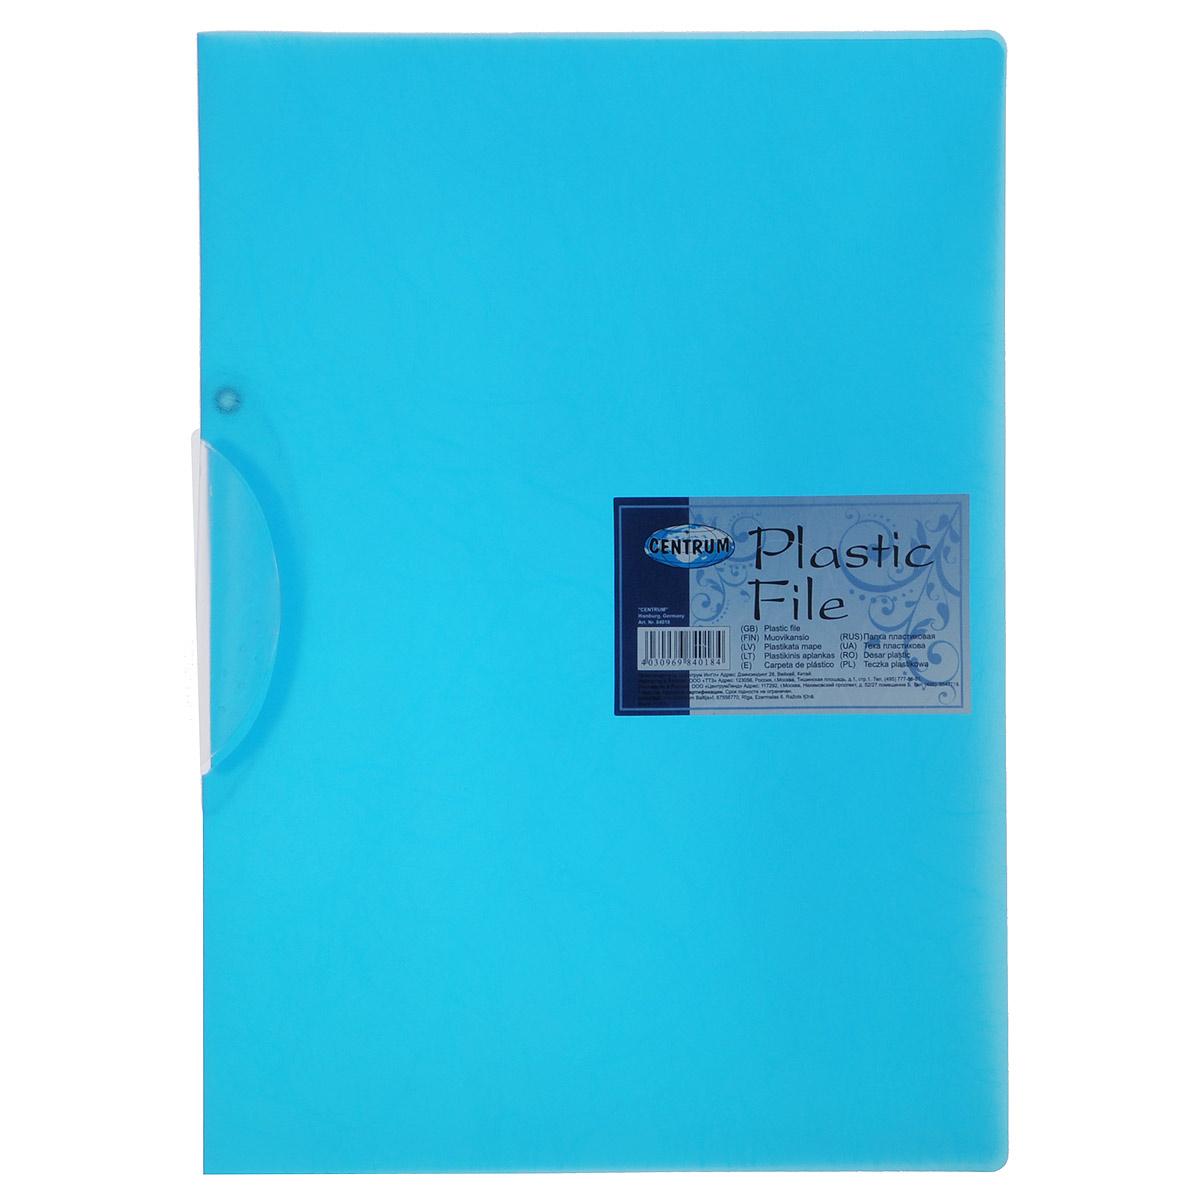 Папка с клипом Centrum, формат А4, цвет: синийAC4_11264Папка с клипом Centrum - это удобный и практичный офисный инструмент, предназначенный для хранения и транспортировки неперфорированных рабочих бумаг и документов формата А4. Она изготовлена из прочного пластика и оснащена боковым поворотным клипом, позволяющим фиксировать неперфорированные листы. Папка - это незаменимый атрибут для студента, школьника, офисного работника. Такая папка практична в использовании и надежно сохранит ваши документы и сбережет их от повреждений, пыли и влаги.